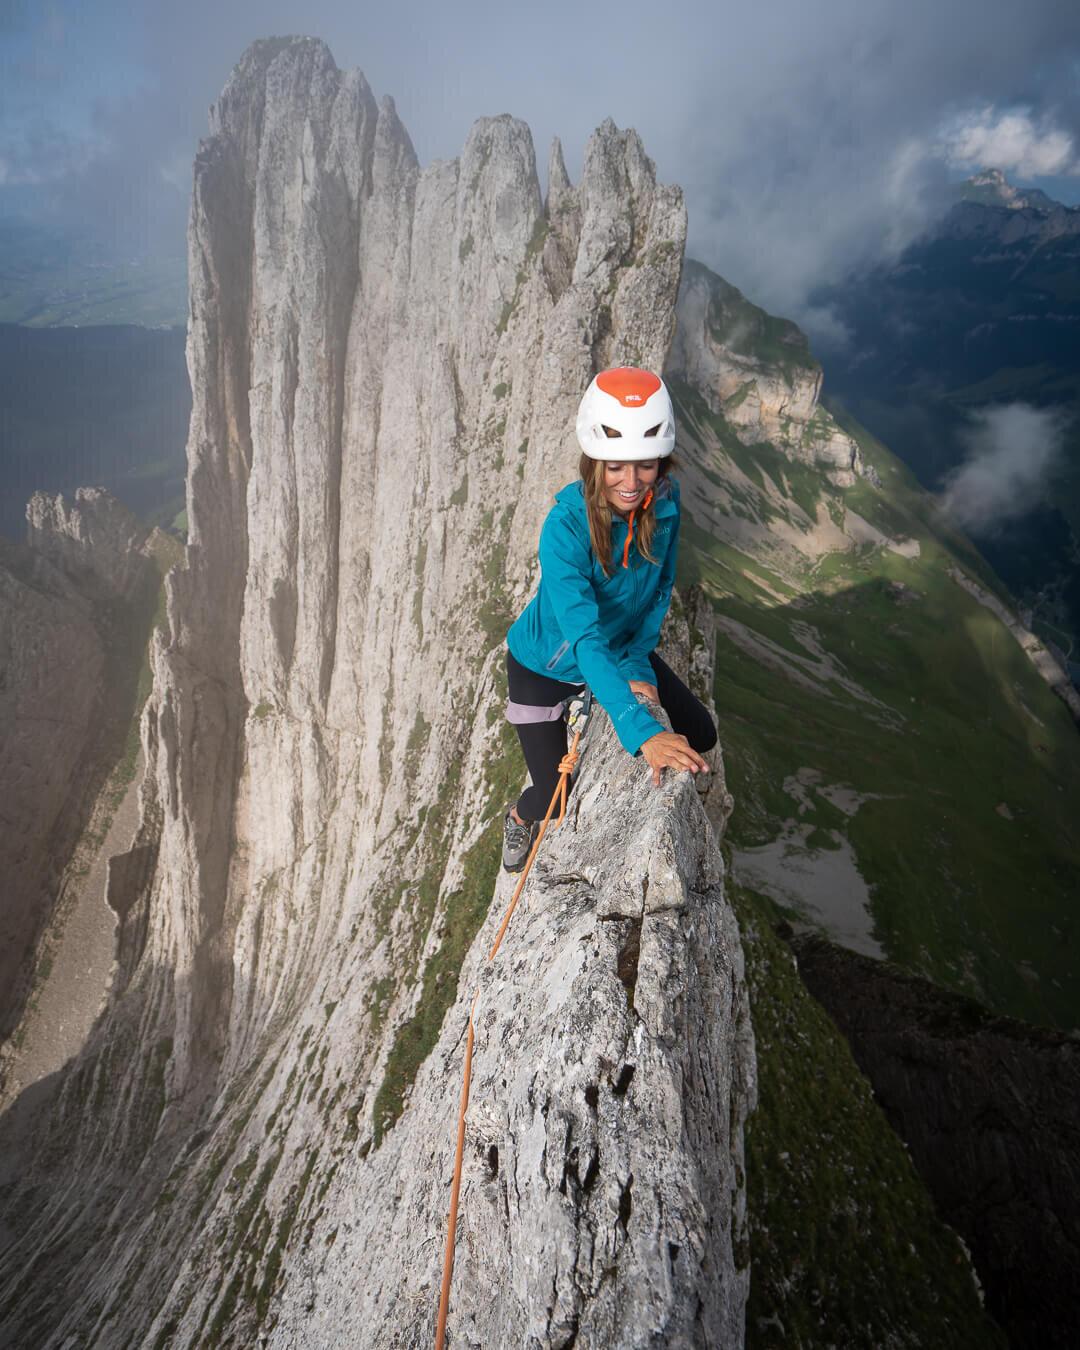 Scrambling along a ridge in the Alpstein region of Switzerland.